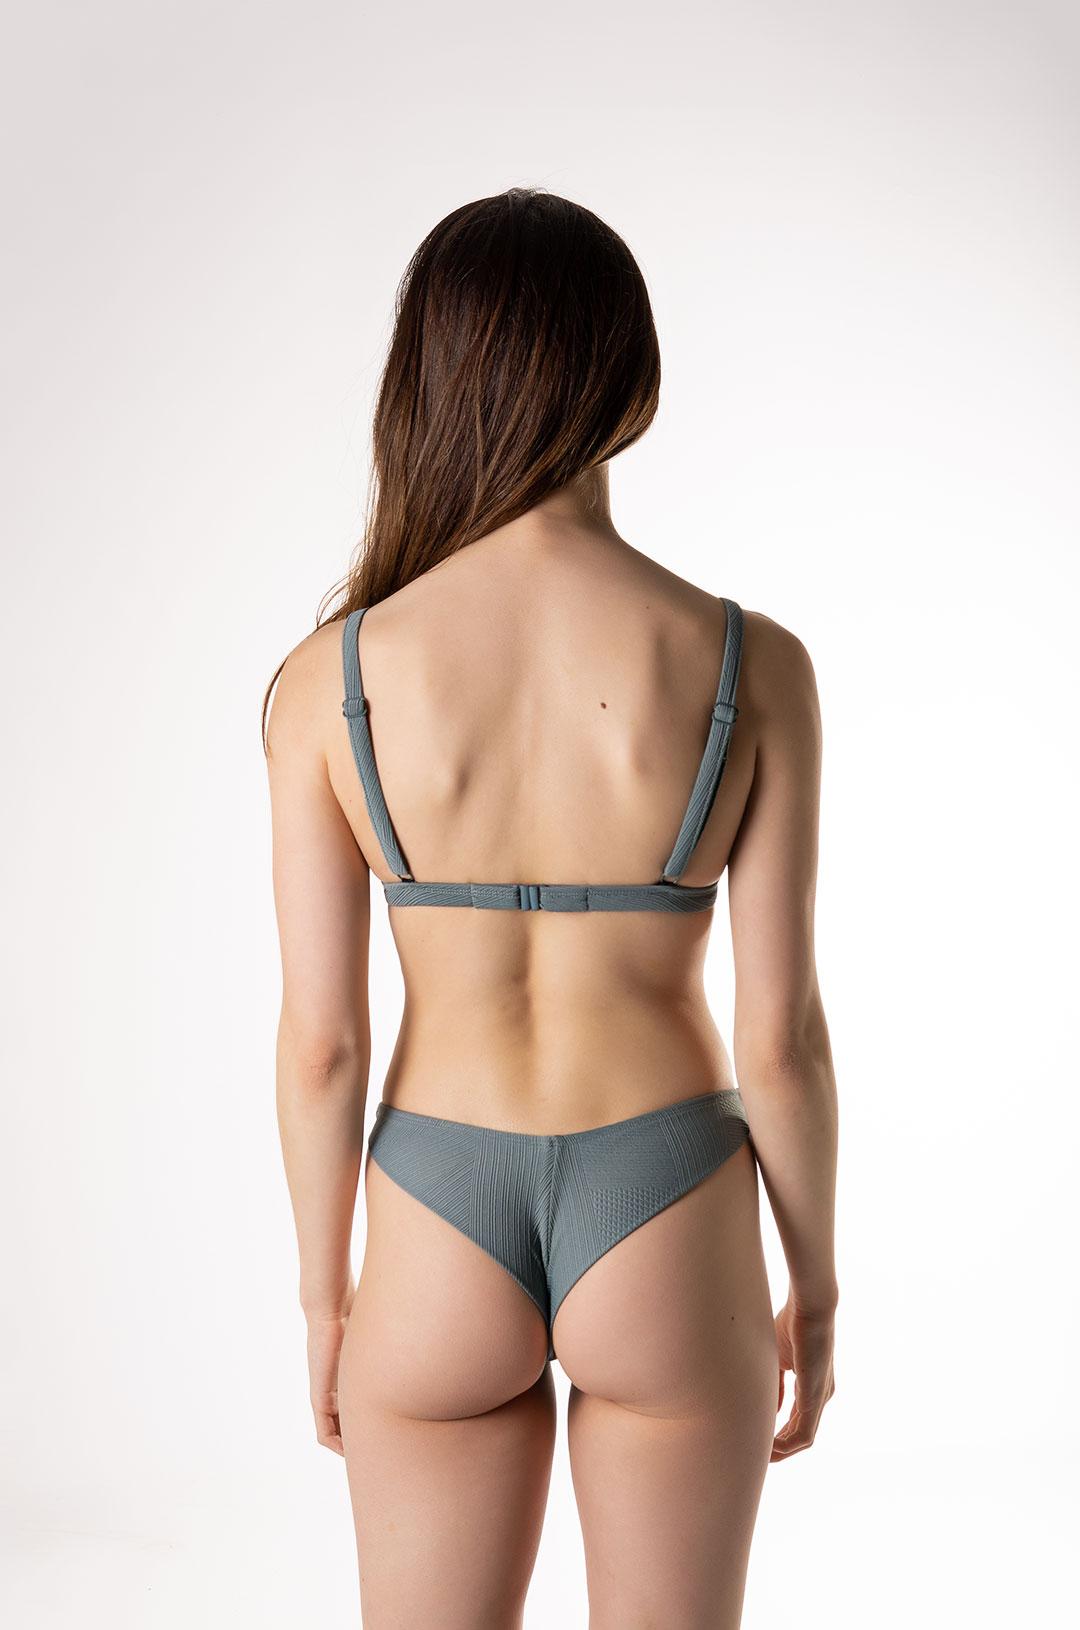 Braga bikini v pernera alta